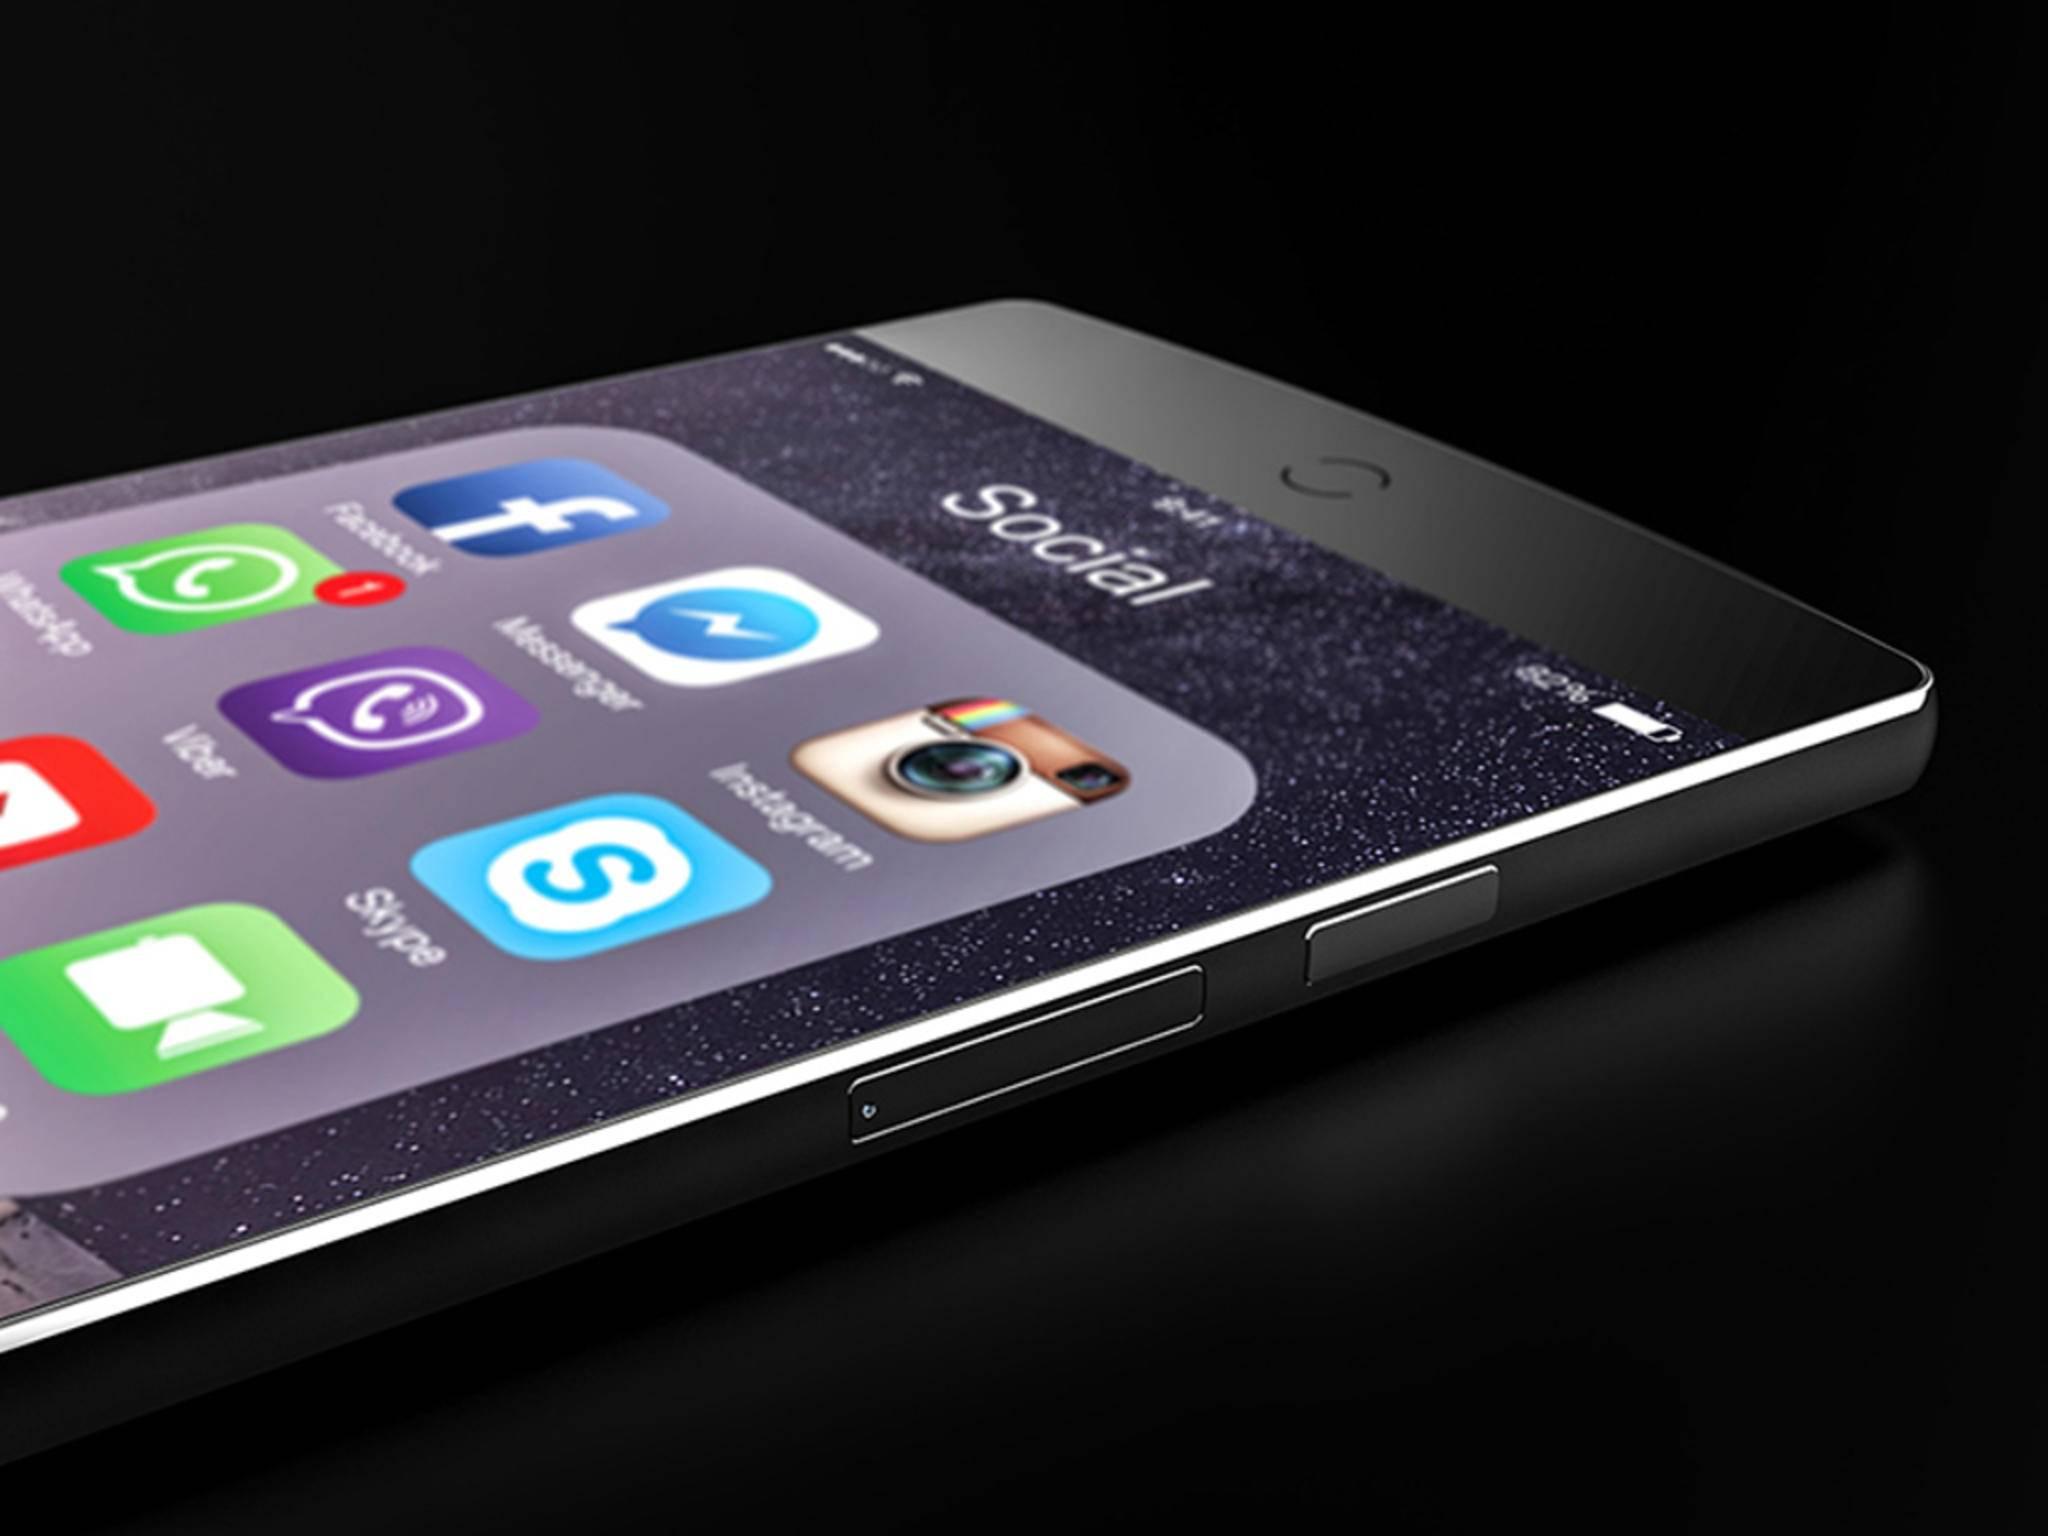 Das iPhone 7 könnte mit einer Blickerkennungs-Technik ausgestattet werden.